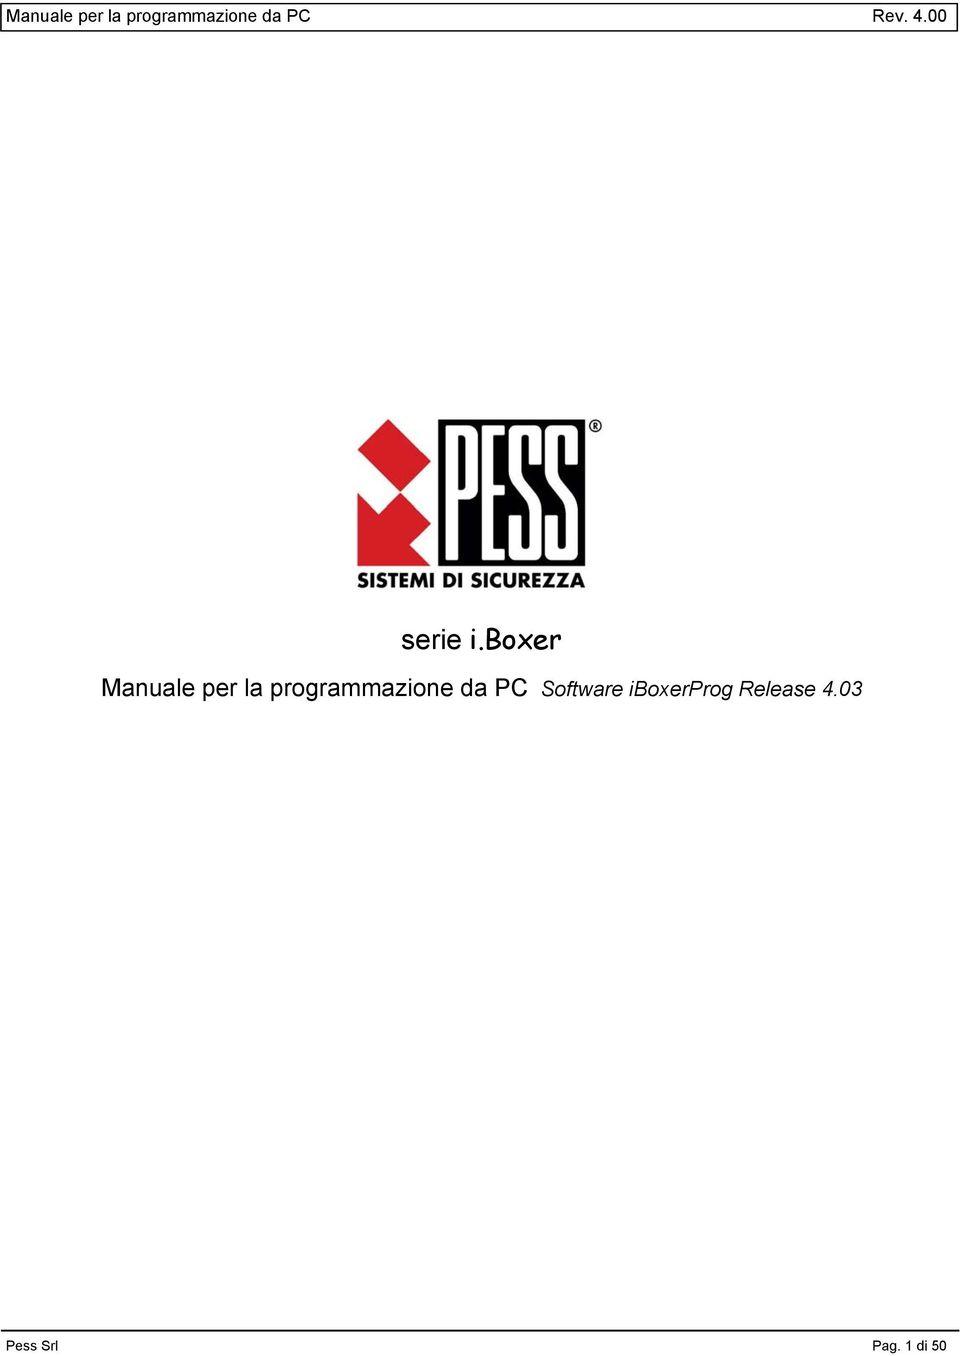 Manuale per la programmazione da PC Rev serie i.boxer